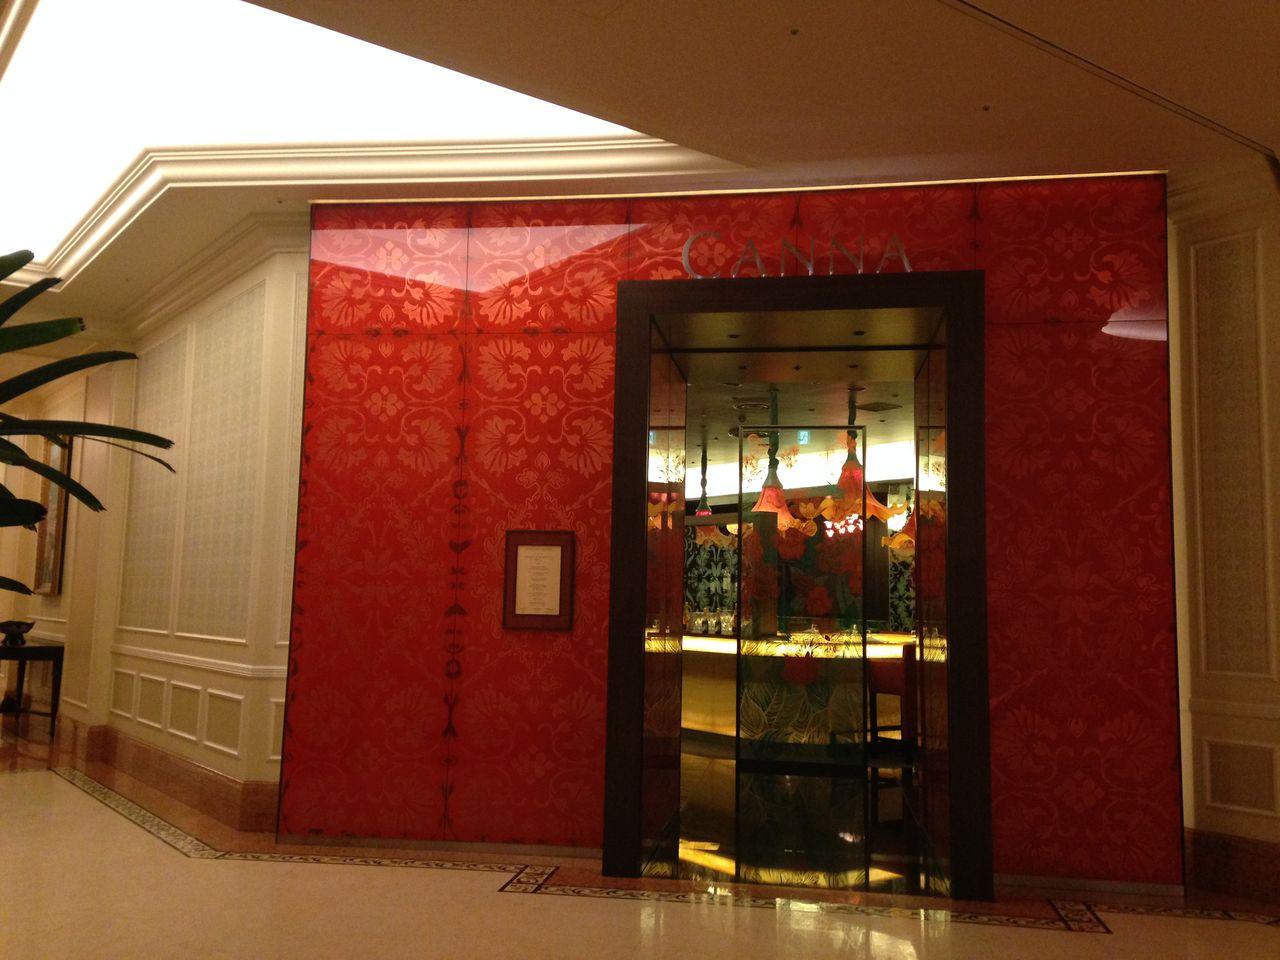 東京ディズニーランドホテル カンナでディナー : ディズニー結婚日記